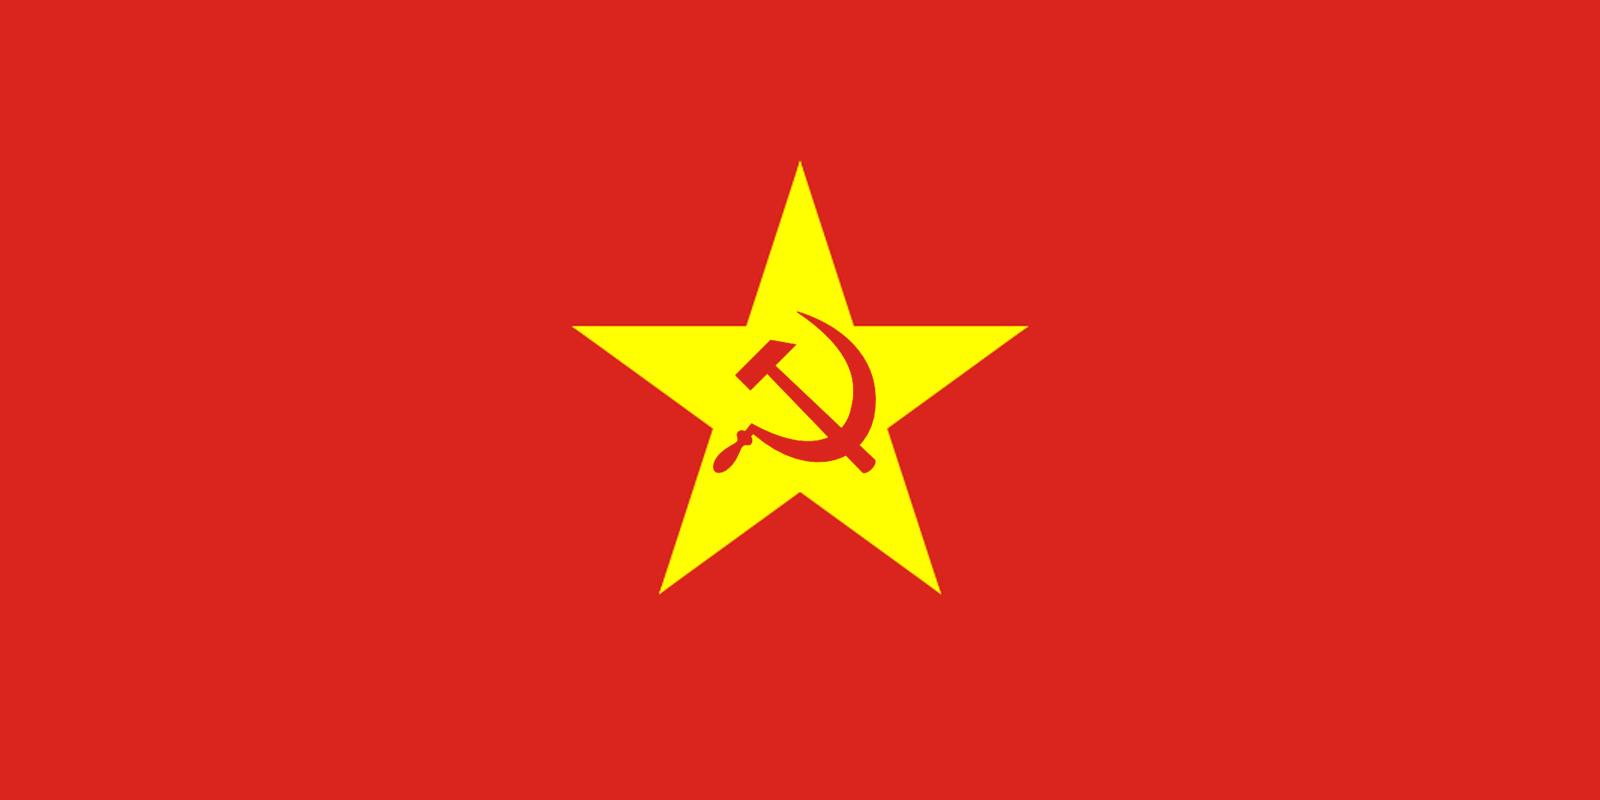 flag of the vietnamese sspr by redrich1917 on deviantart